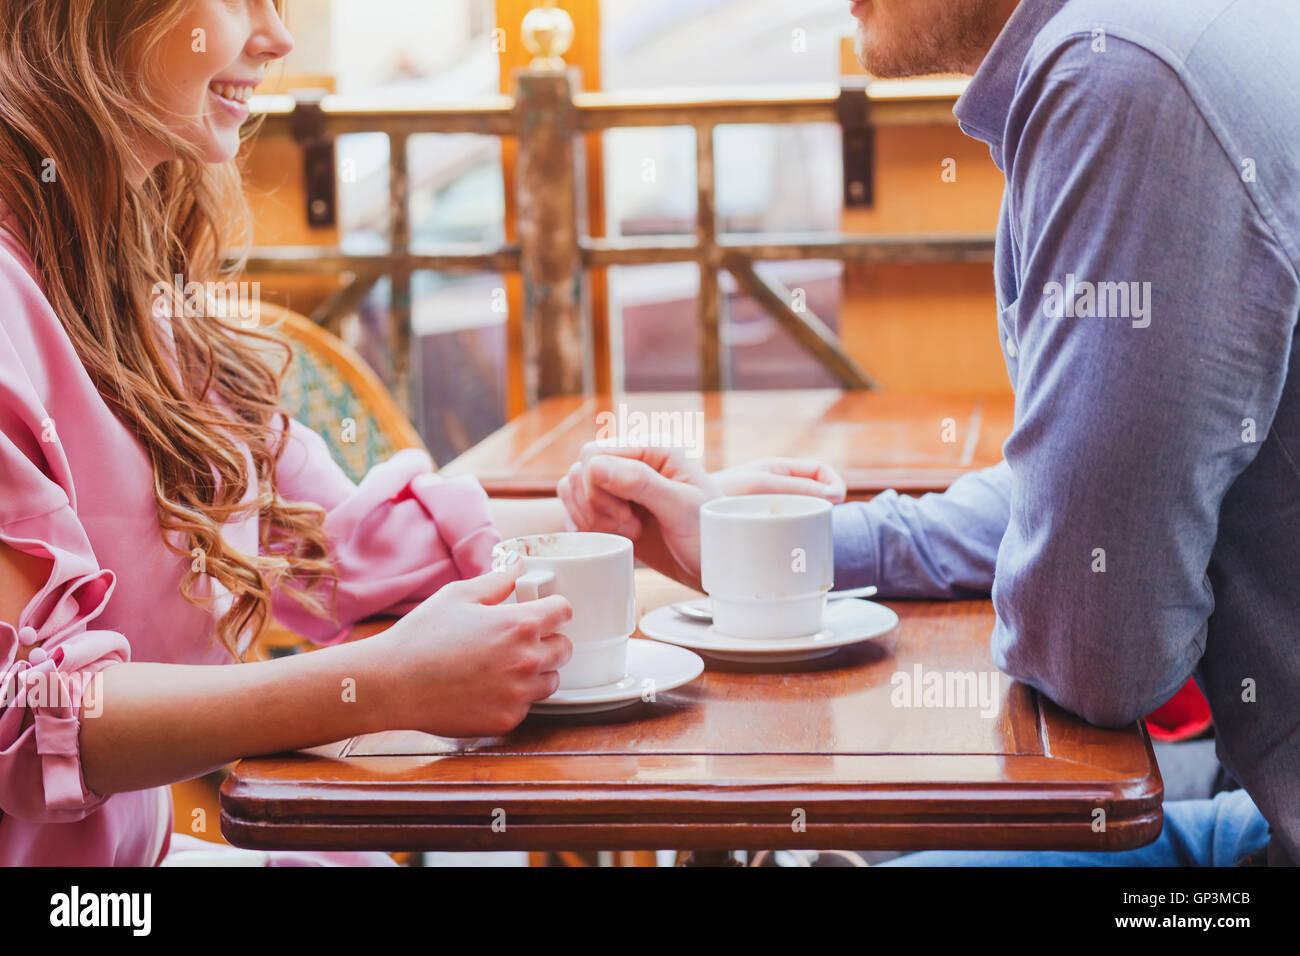 Partnersuche, Hände des Paares im gemütlichen Café, Kaffee trinken Stockbild